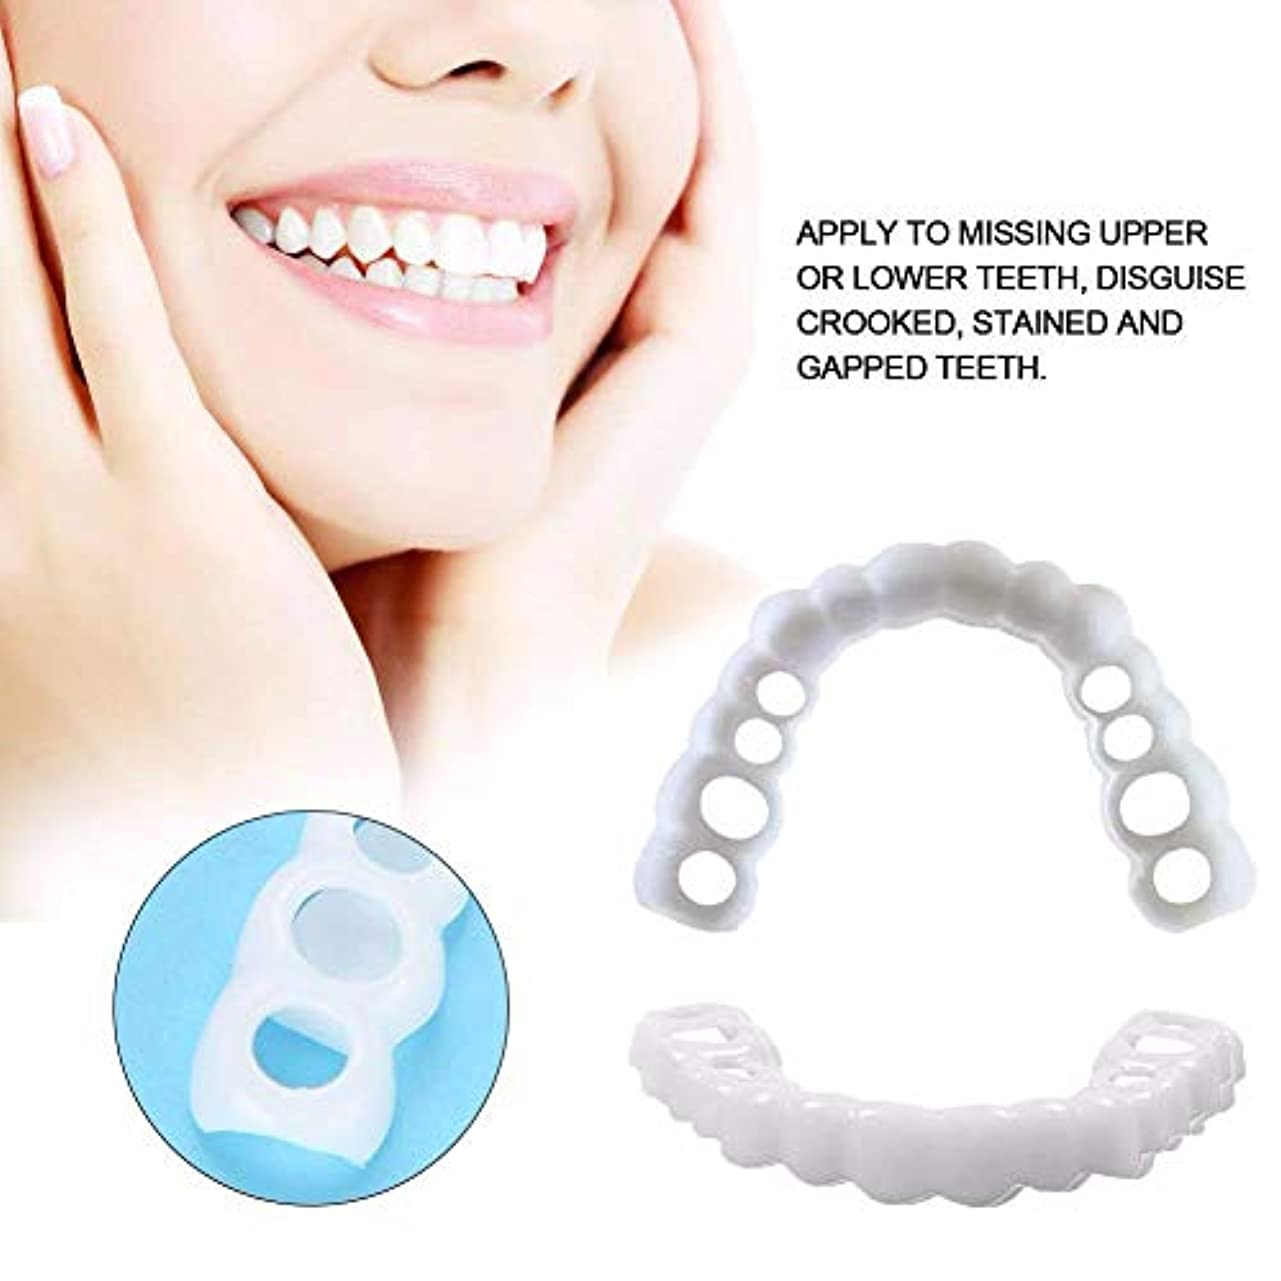 バンゲーム裏切り男性用化粧品パーフェクトスマイルトップとボトムの快適な偽歯スナップホワイトニング義歯ホワイトニング義歯(2pcs)